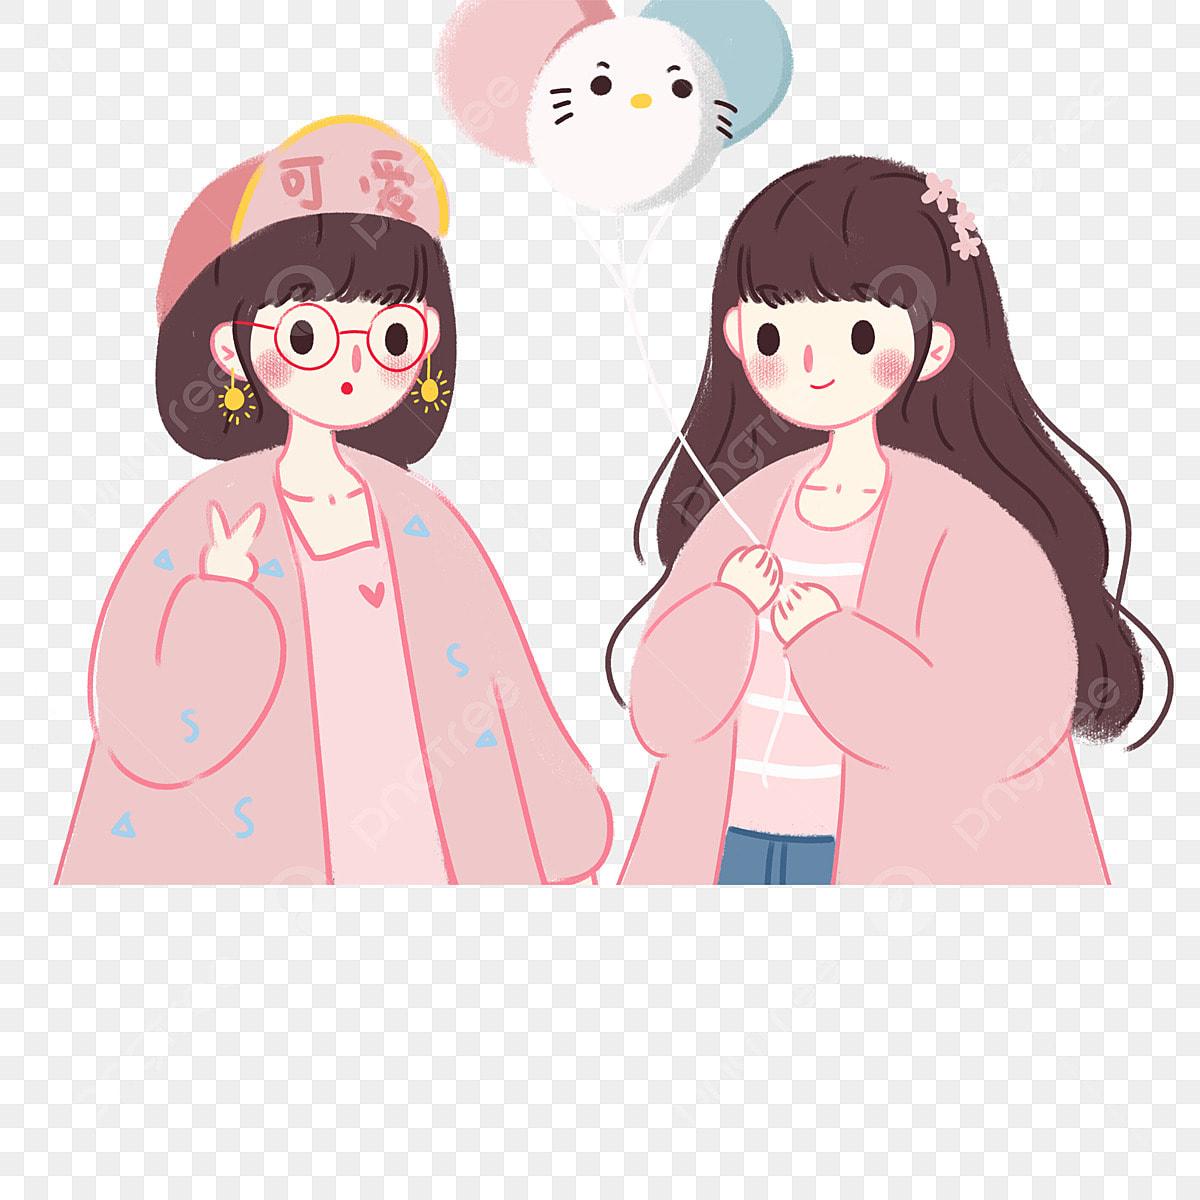 Gambar Teman Wanita Kartun Comel Dua Reka Bentuk Watak Kartun Merah Jambu Comel Gadis Kecil Png Dan Psd Untuk Muat Turun Percuma